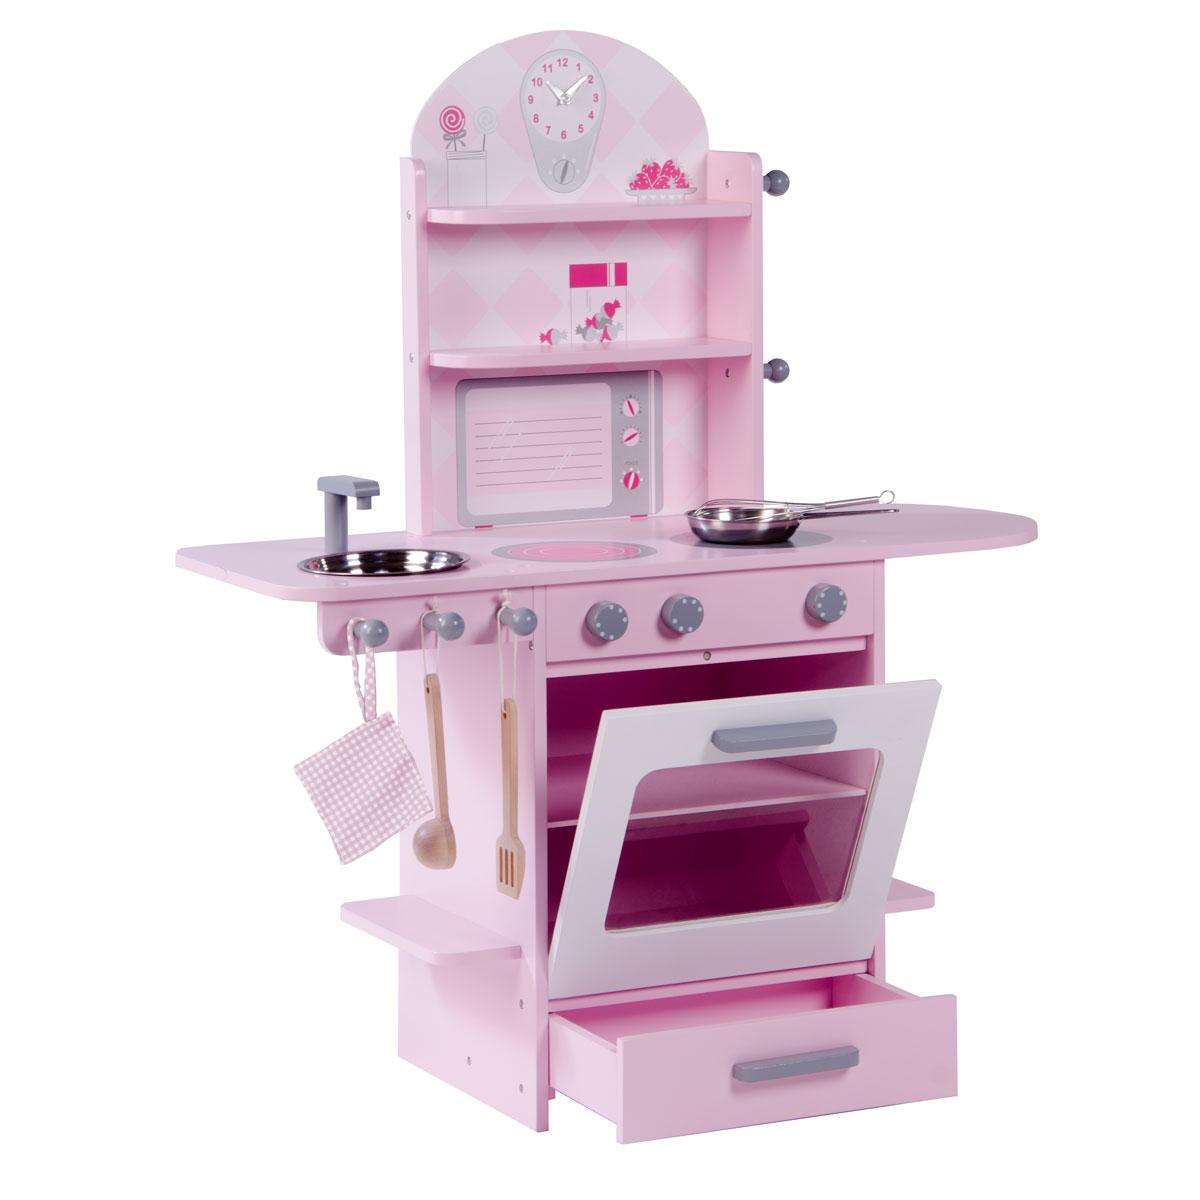 Cucina in legno roba resistente e colore rosa giocattoli - Cocina rosa ...